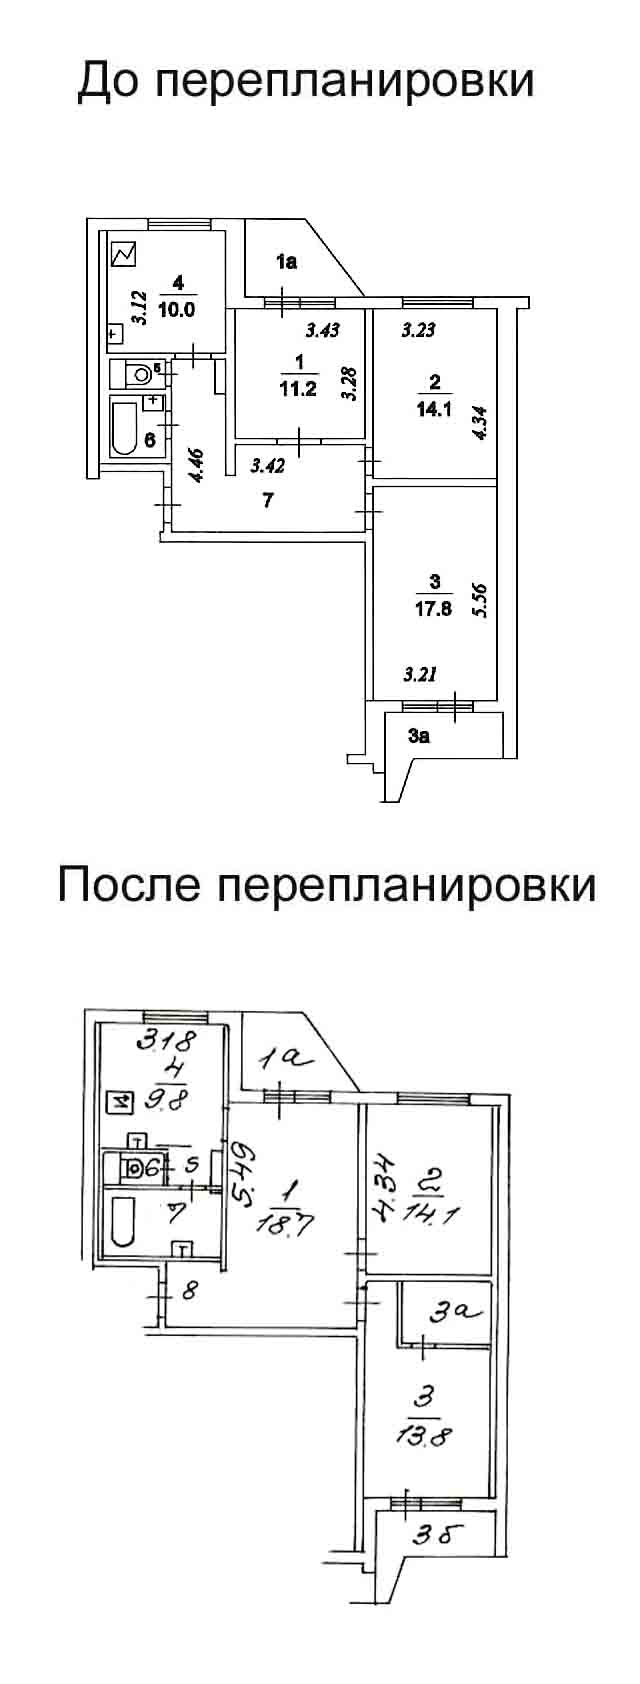 """Перепланировка квартиры примеры """" """" образцы нормативных блан."""